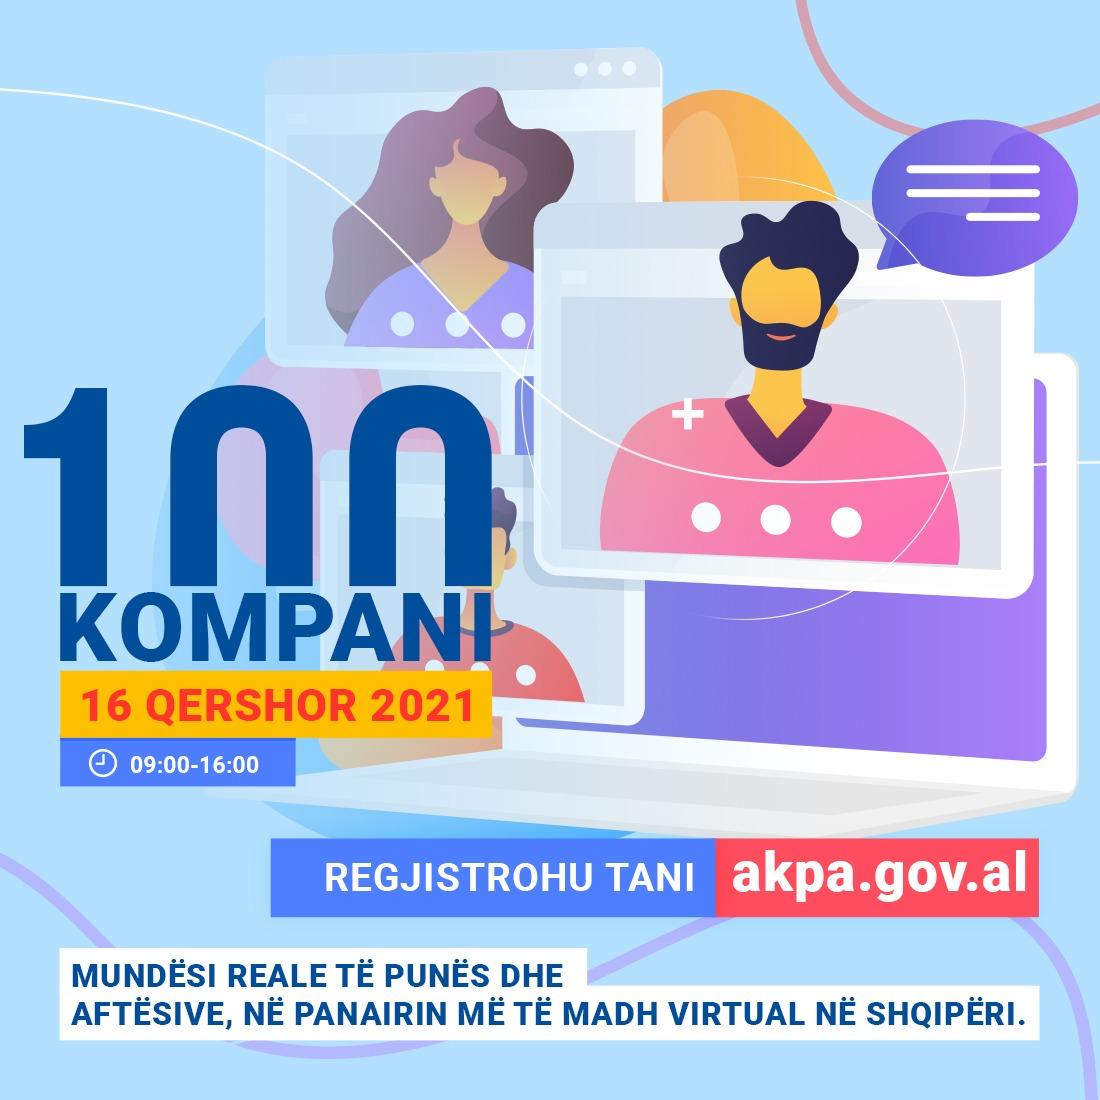 Panairi virtual i punës dhe aftësive 2021